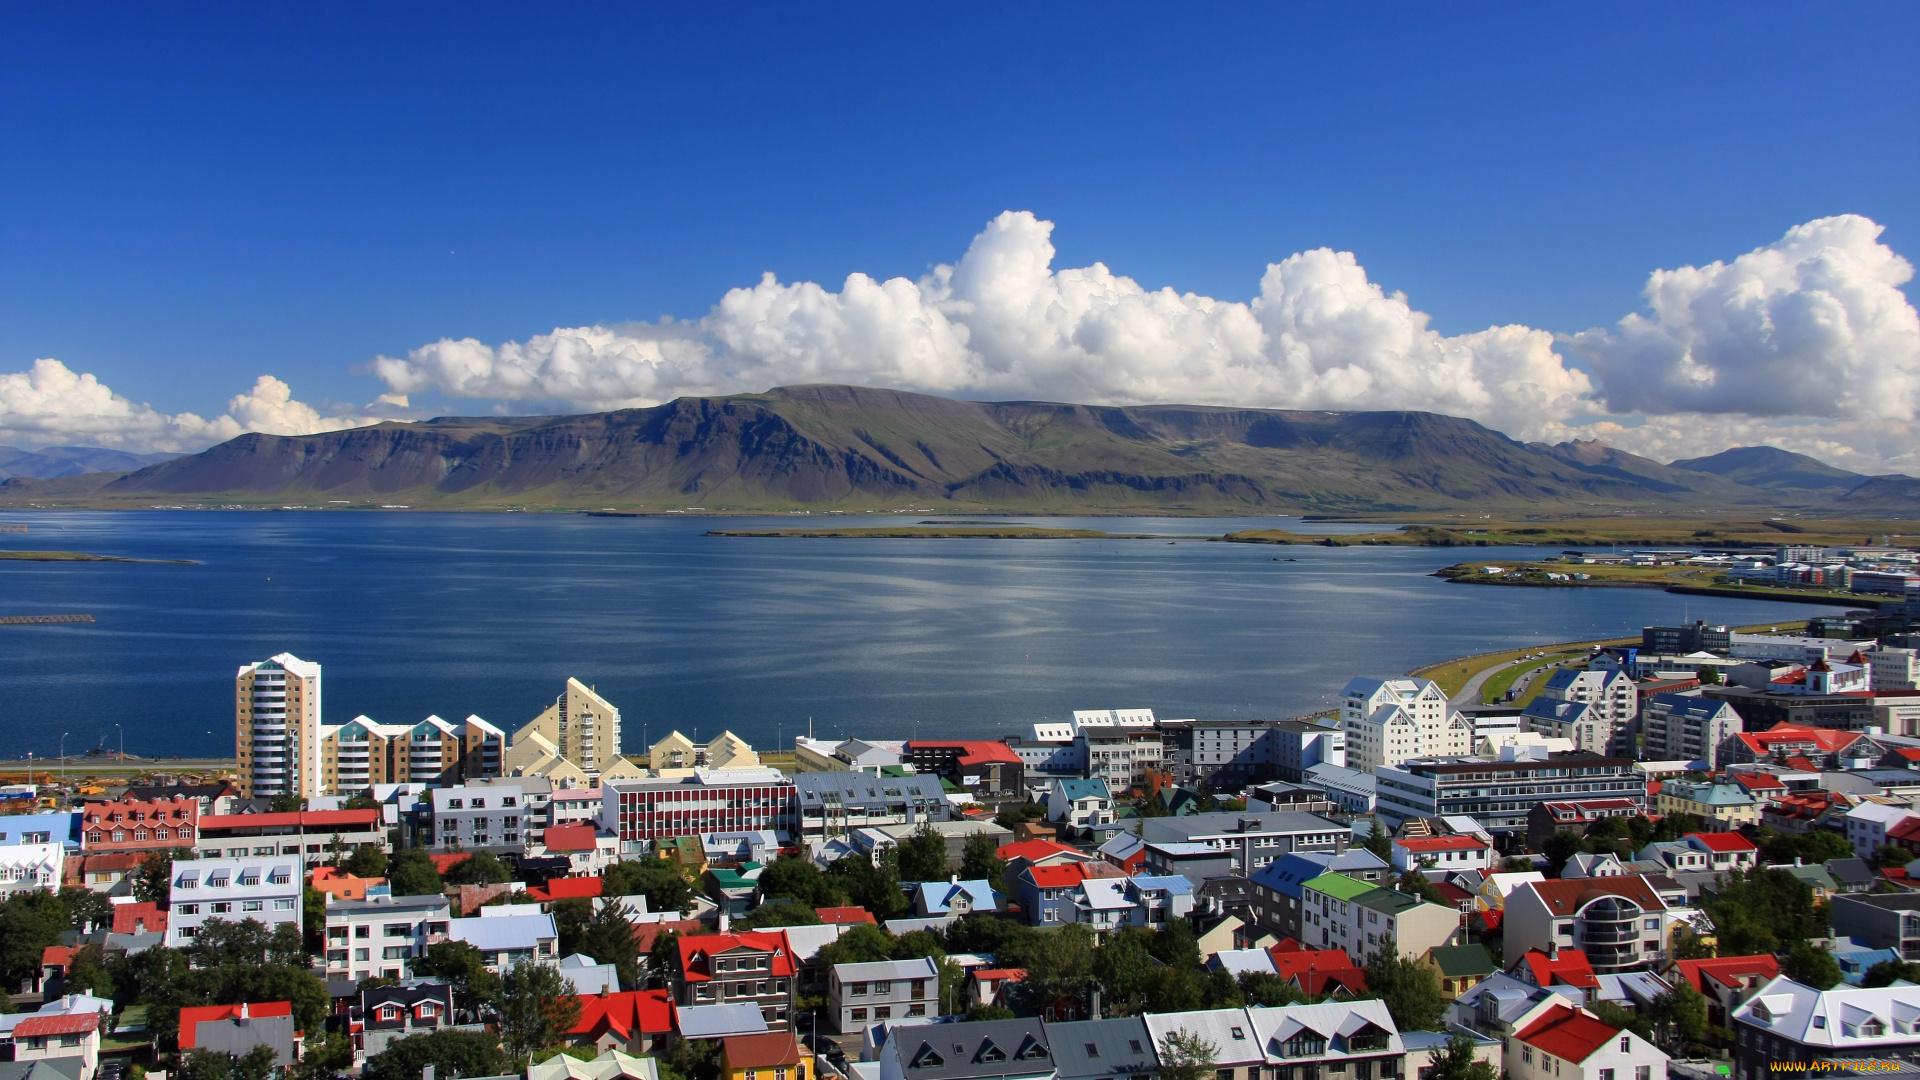 reykjavik-iceland-goroda-rejkyavik-islan-655885